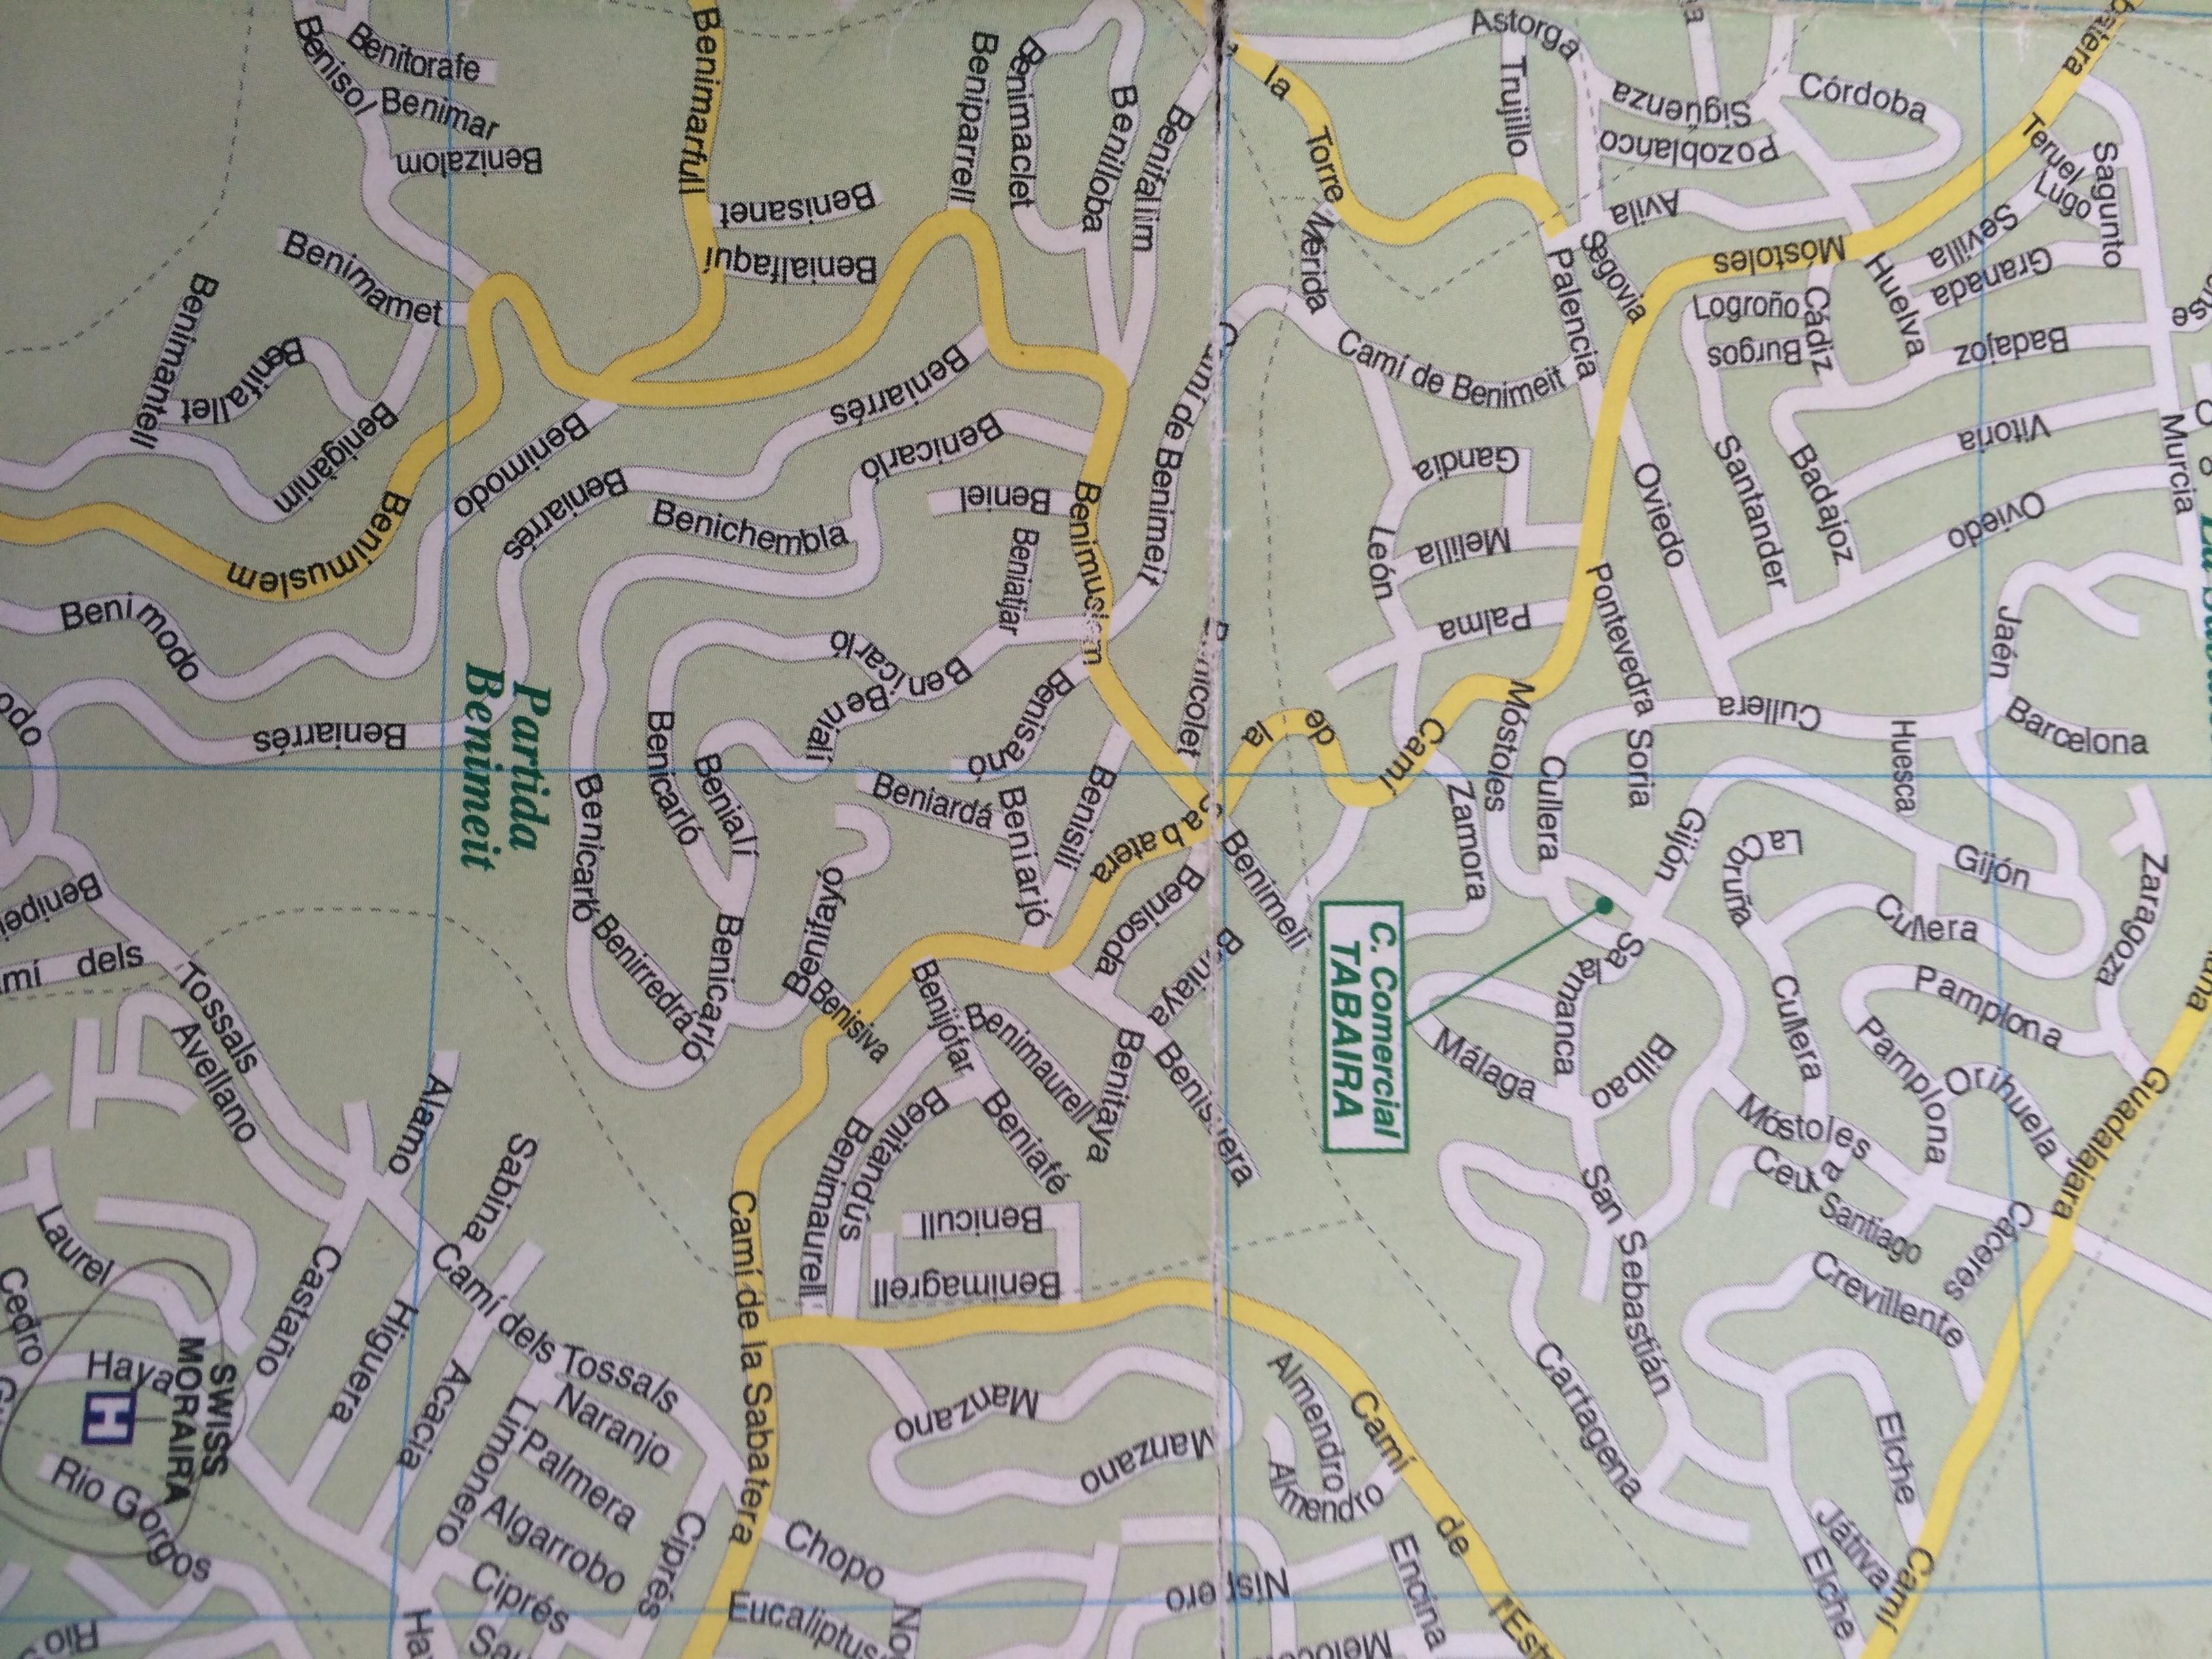 Carte Espagne Telecharger.Images Gratuites Carte Geographie Des Rues Espagne Directions